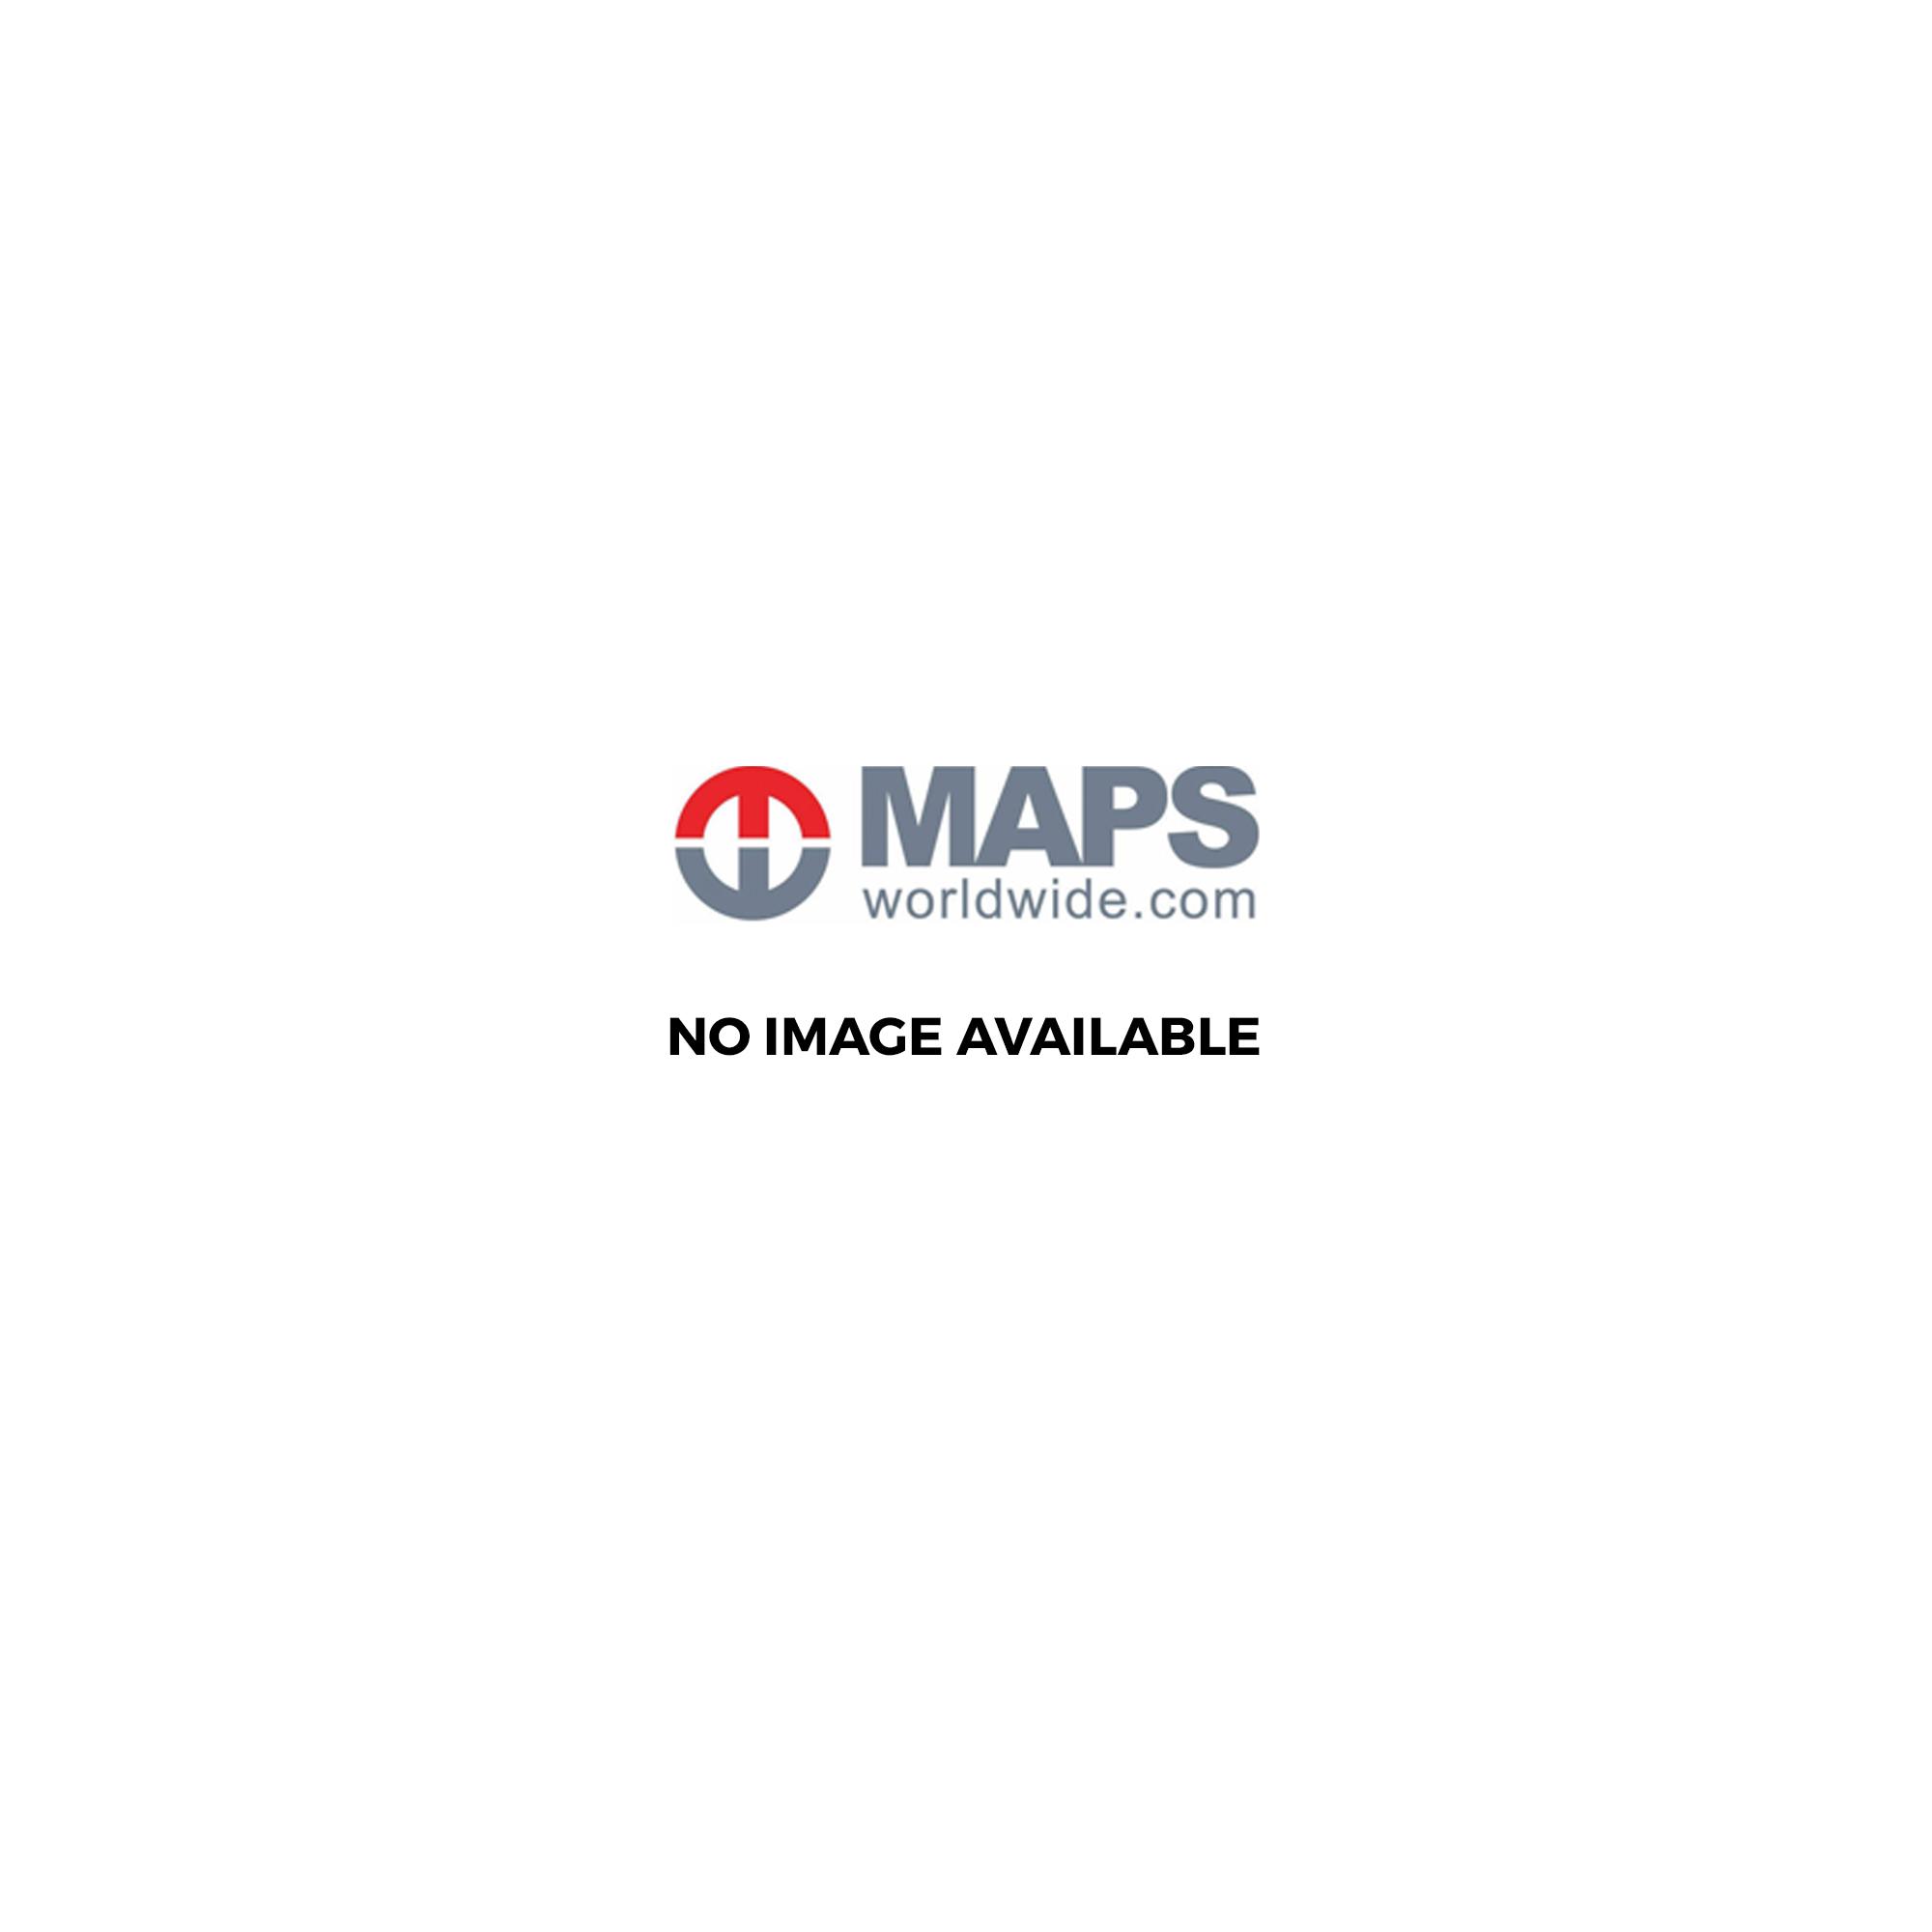 1710ET - Le Havre / Etretat / PNR des Boucles Seine Normandie map